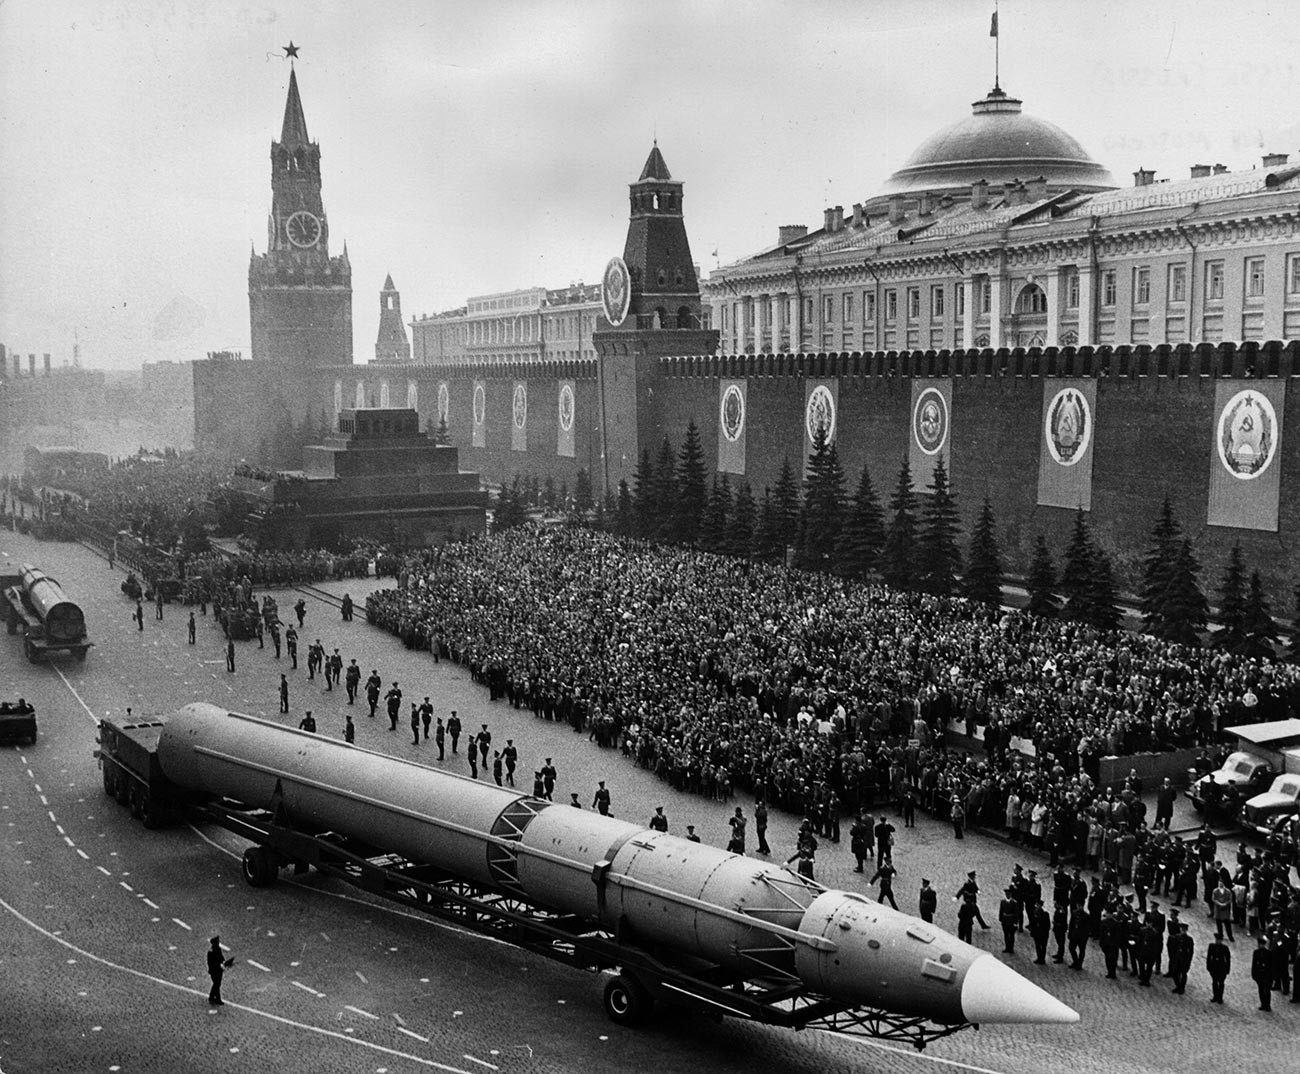 第二次世界大戦終結20周年のパレードで展示されたミサイル